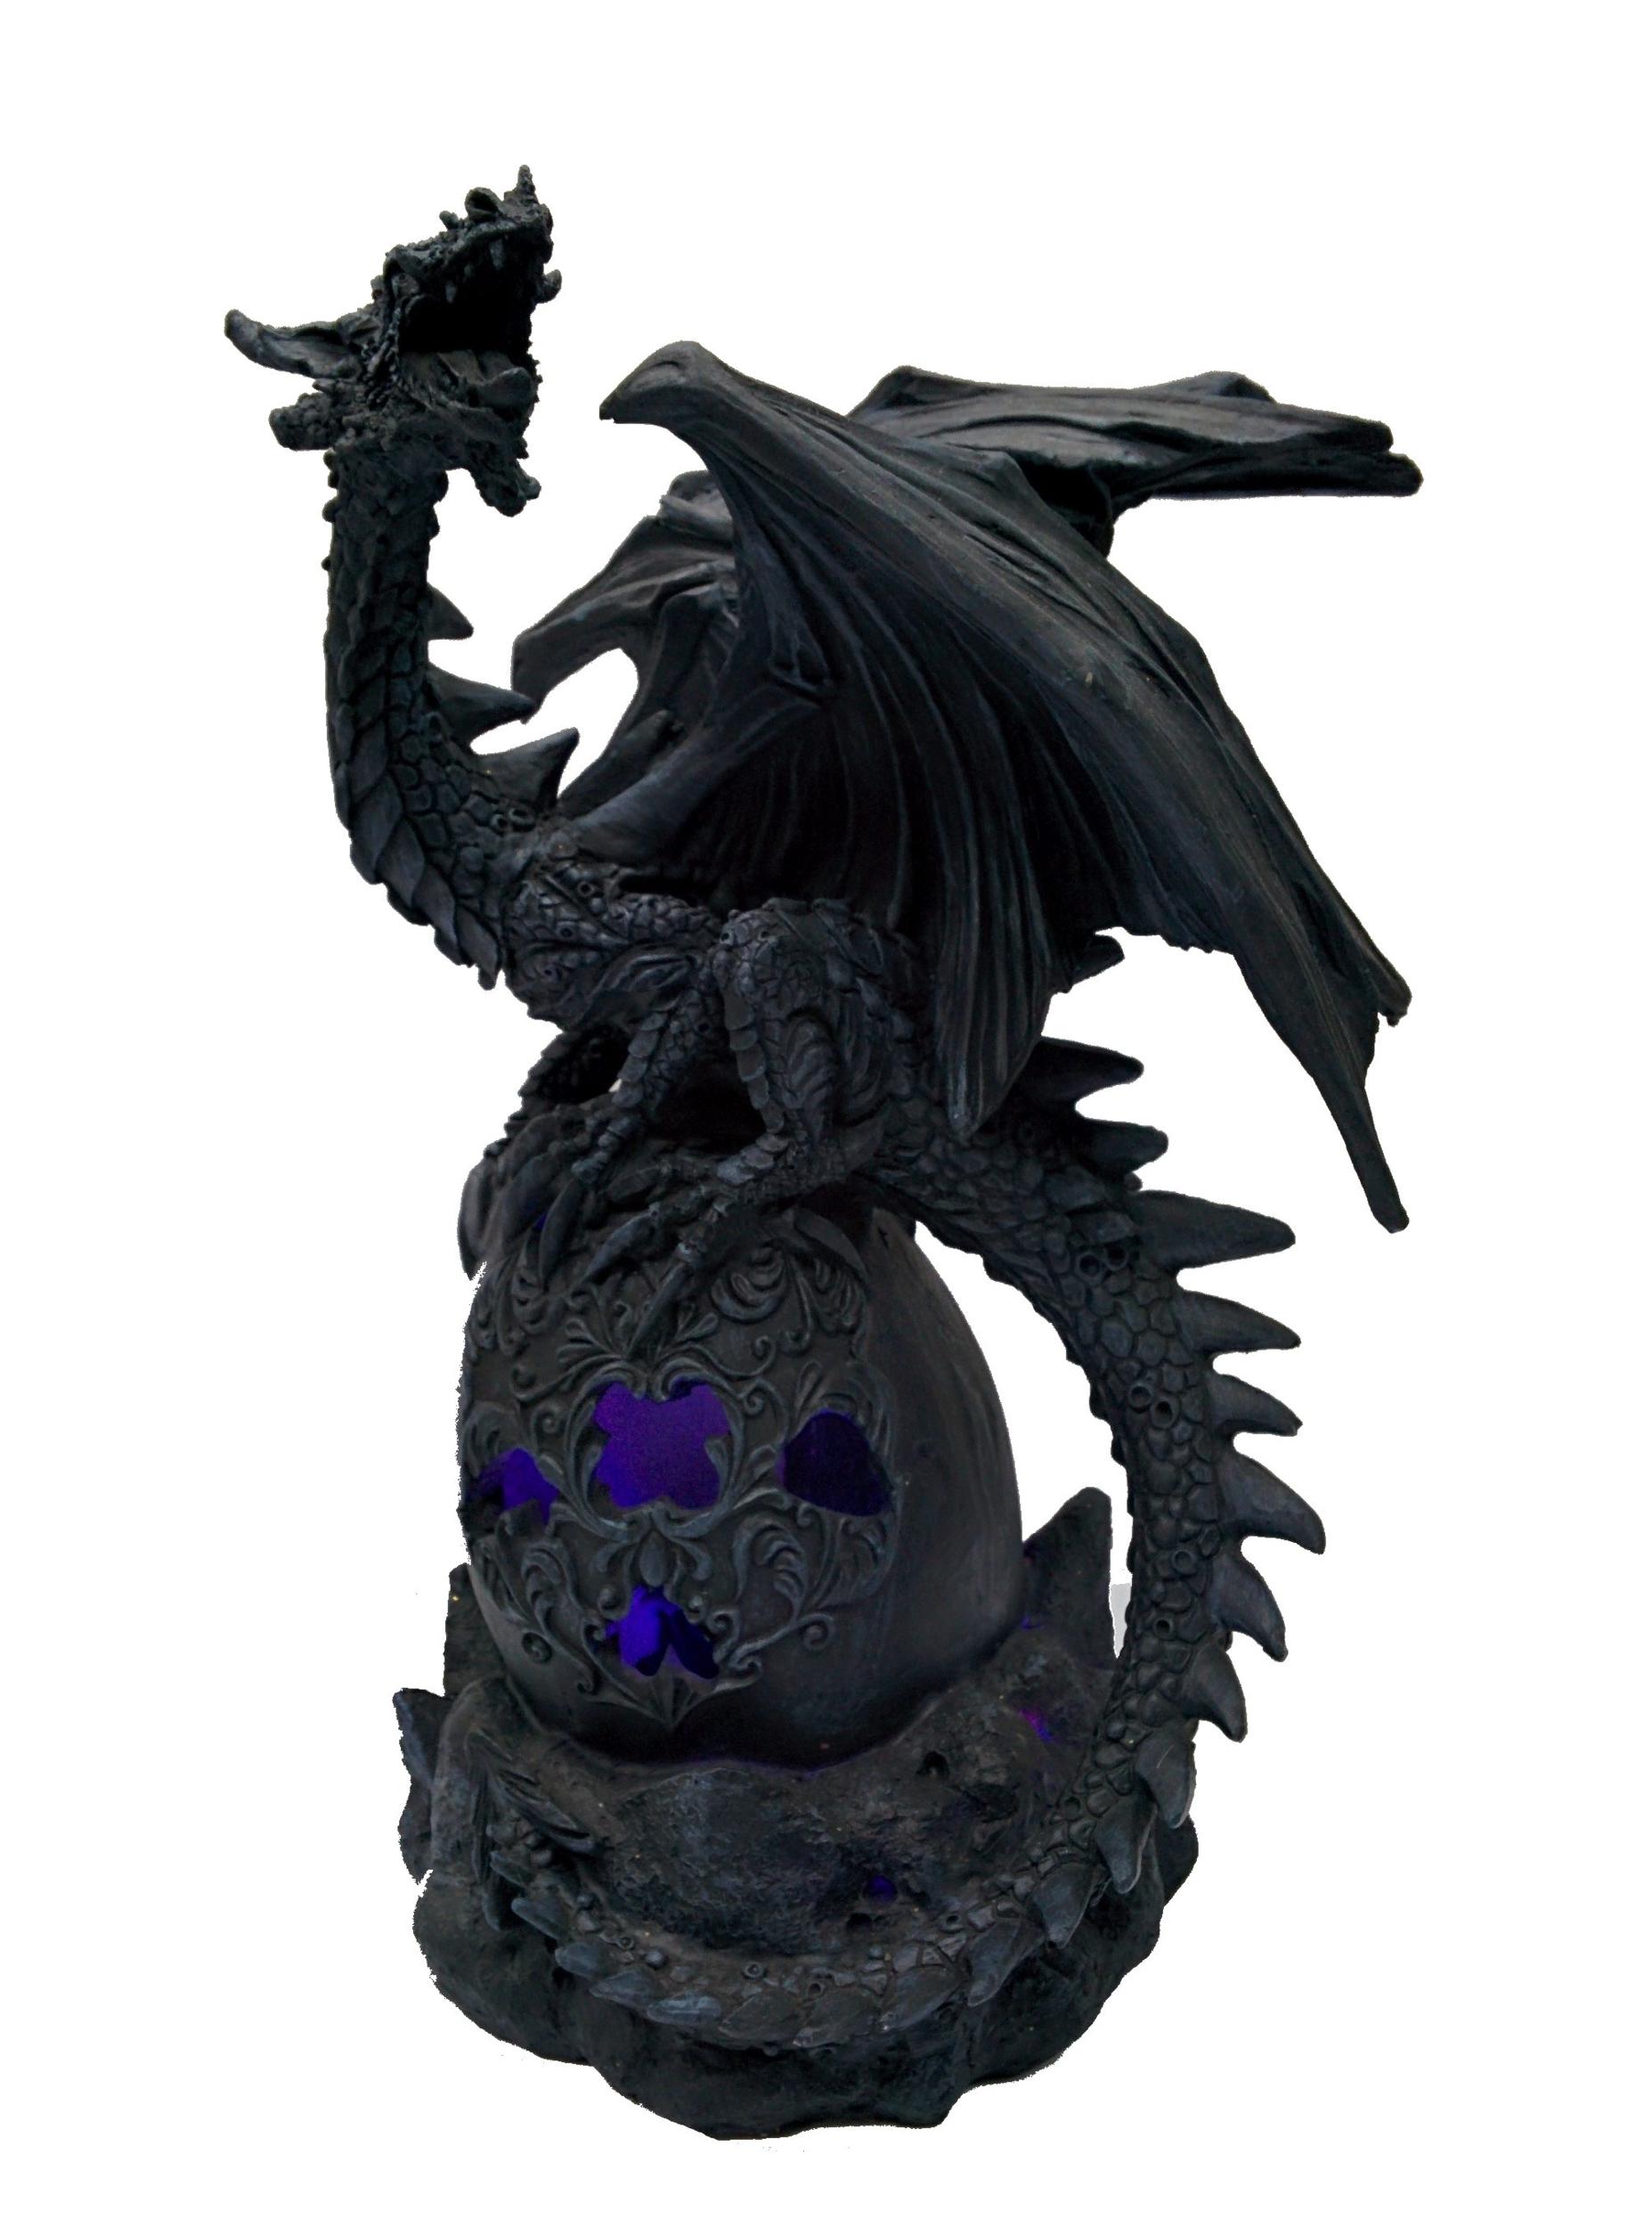 Statuette Dragon Cérédic (H25 x L16cm)